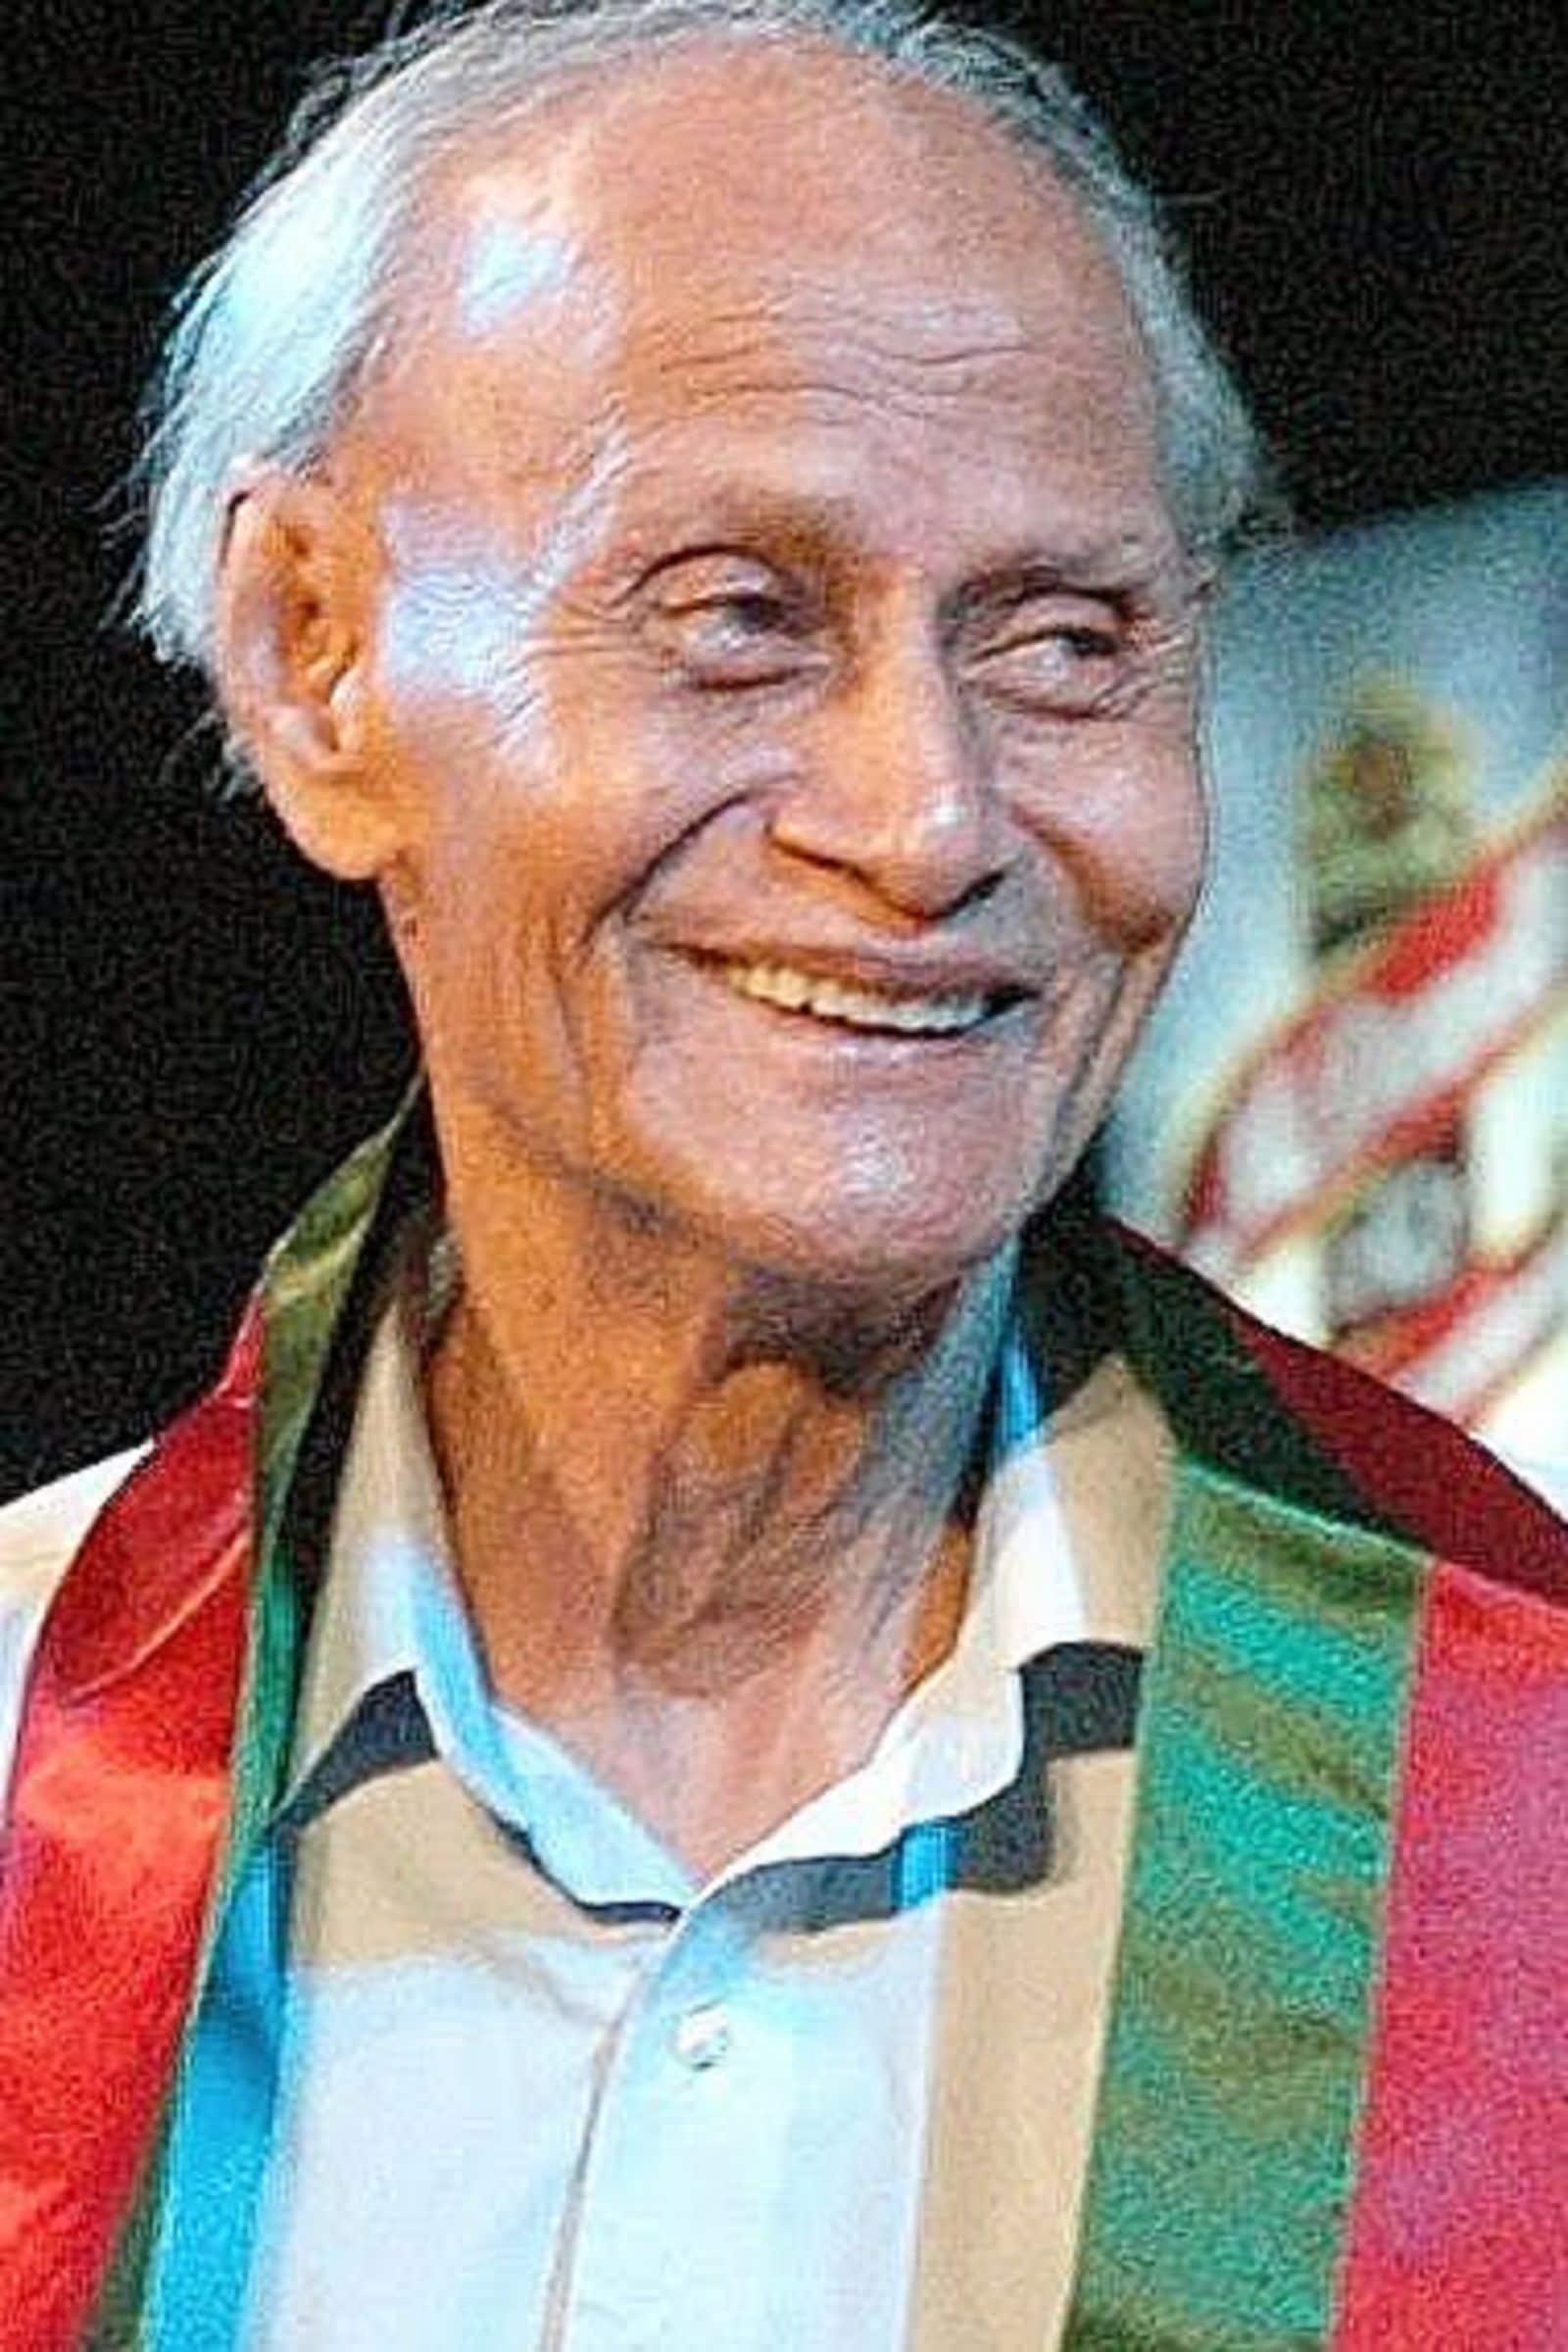 শৈলেন মান্না দ্বিতীয় ফুটবলার হিসেবে পদ্মশ্রী পুরস্কার পান। ১৯৭১ সালে তাঁকে পদ্মশ্রী সম্মানে ভূষিত করে সরকার।